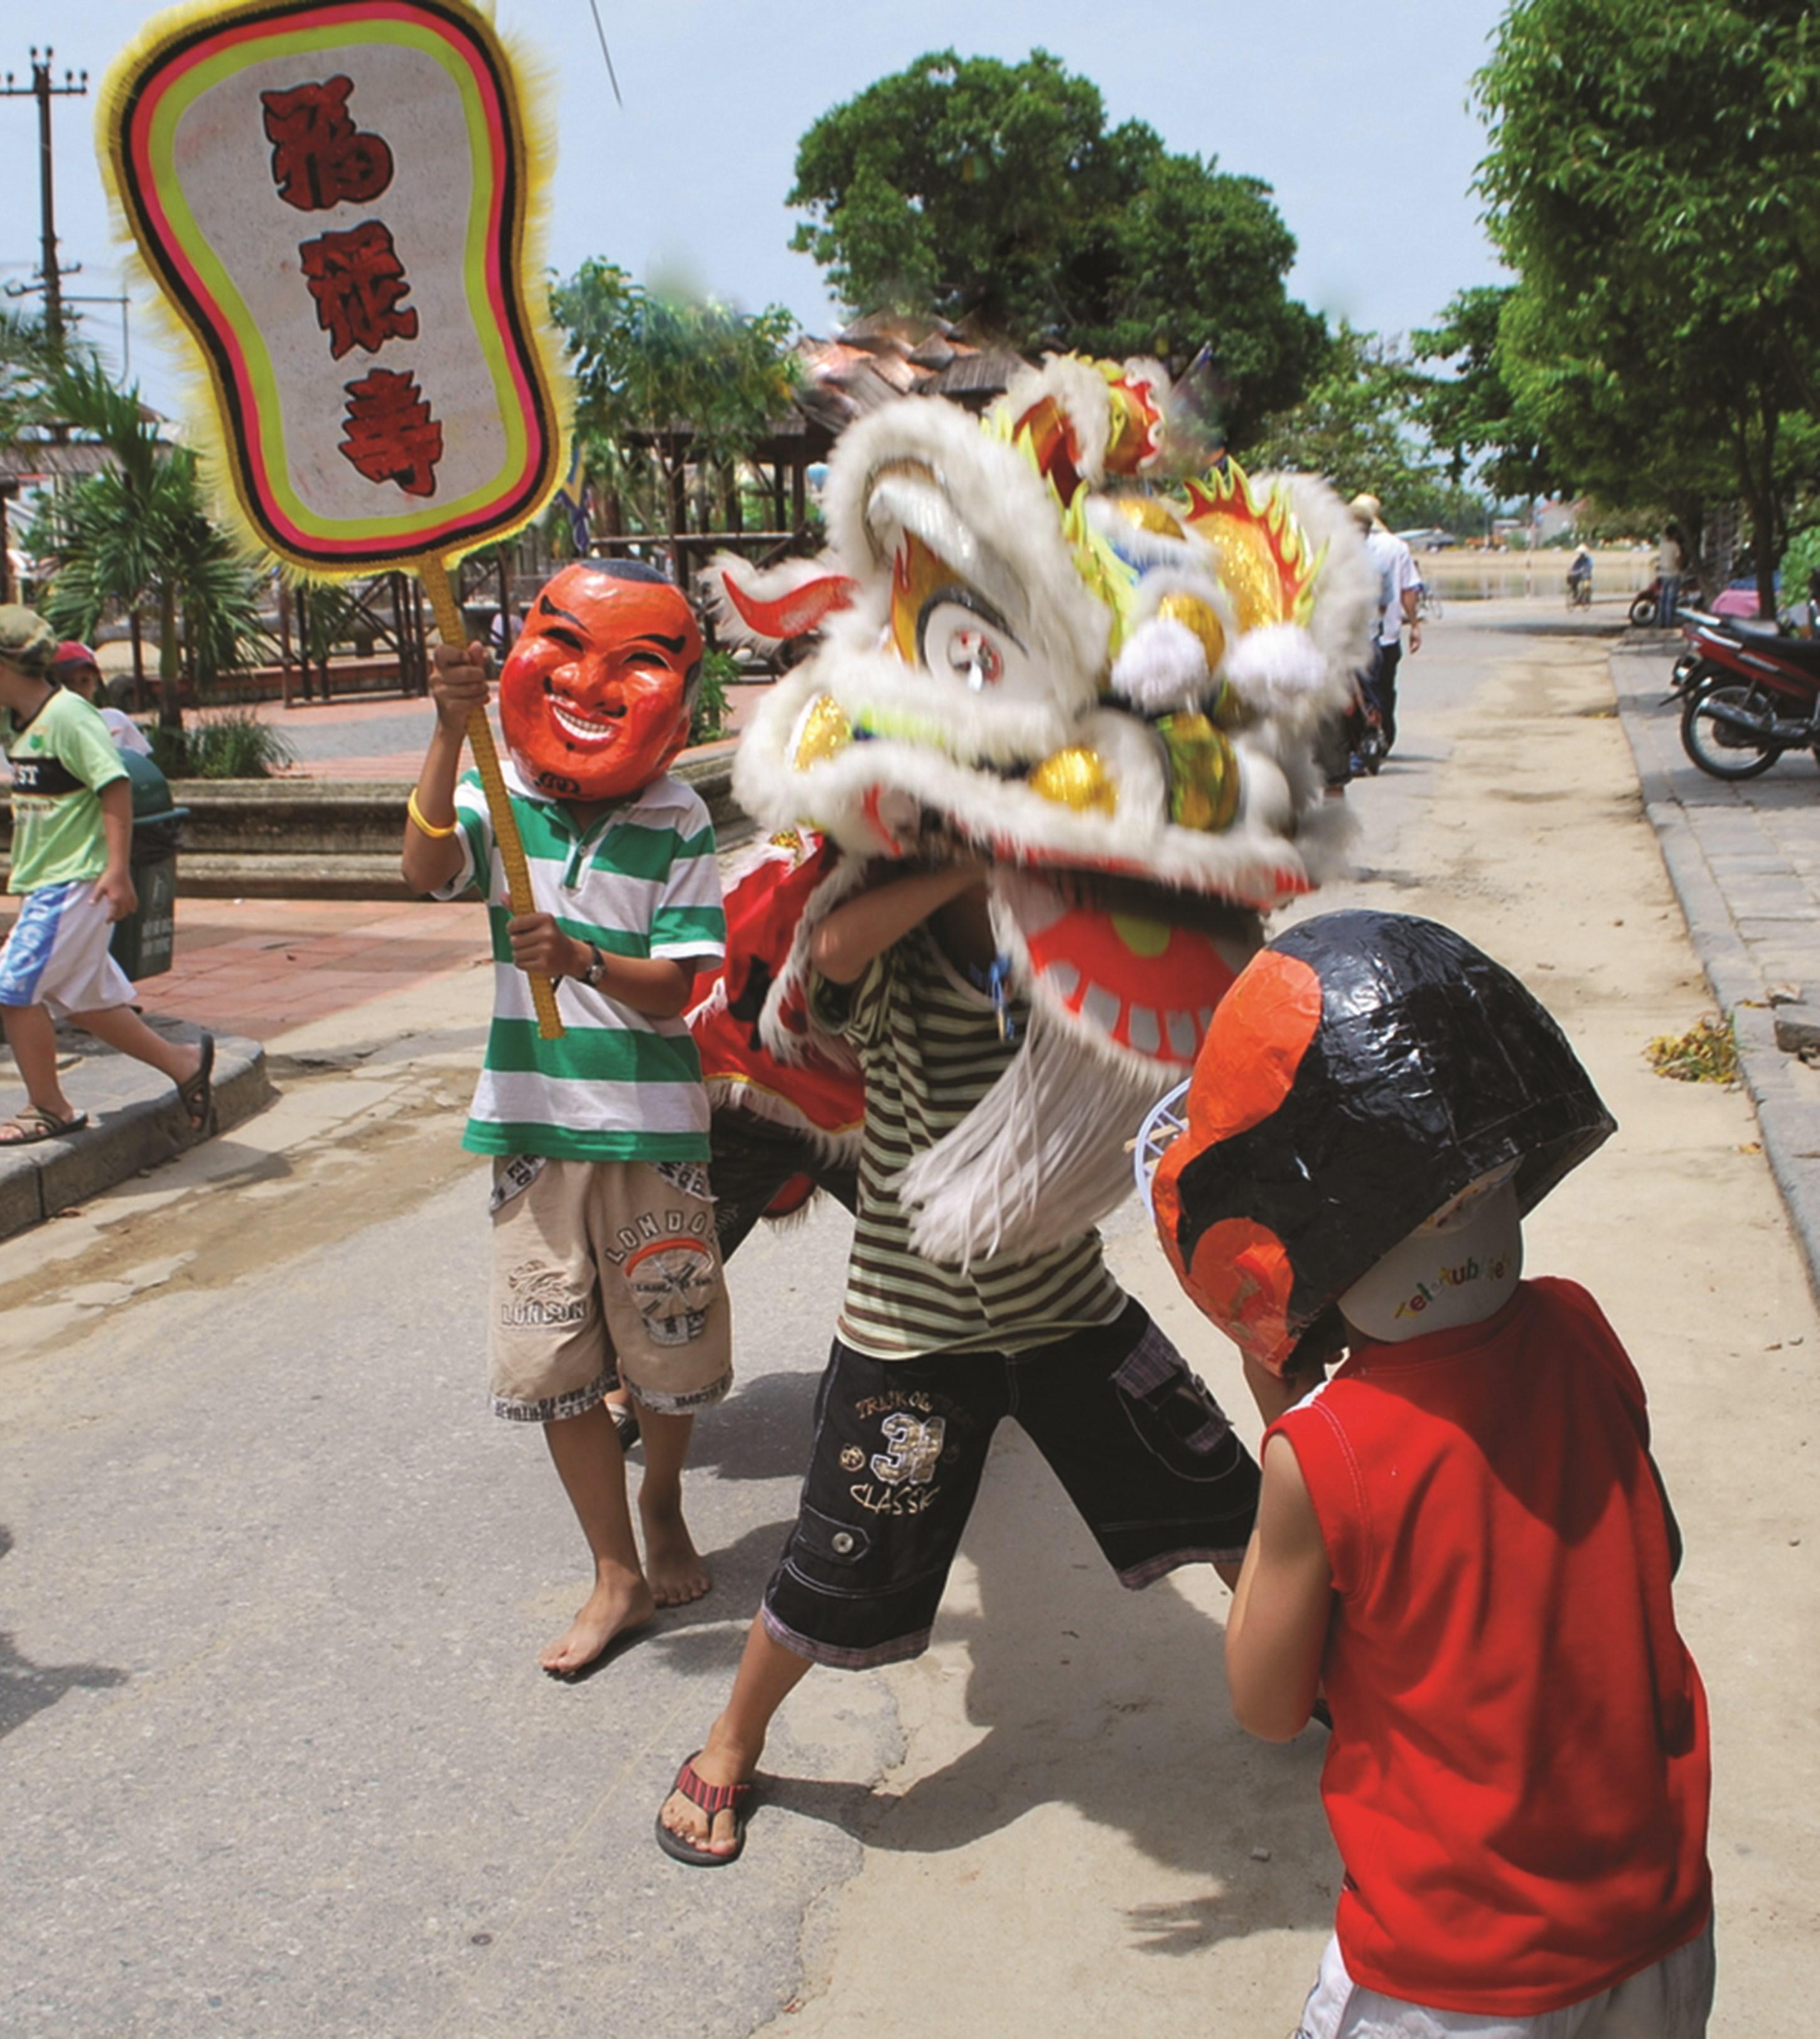 Một cảnh các em tập múa lân ngay giữa đường, dễ dẫn đến tai nạn giao thông